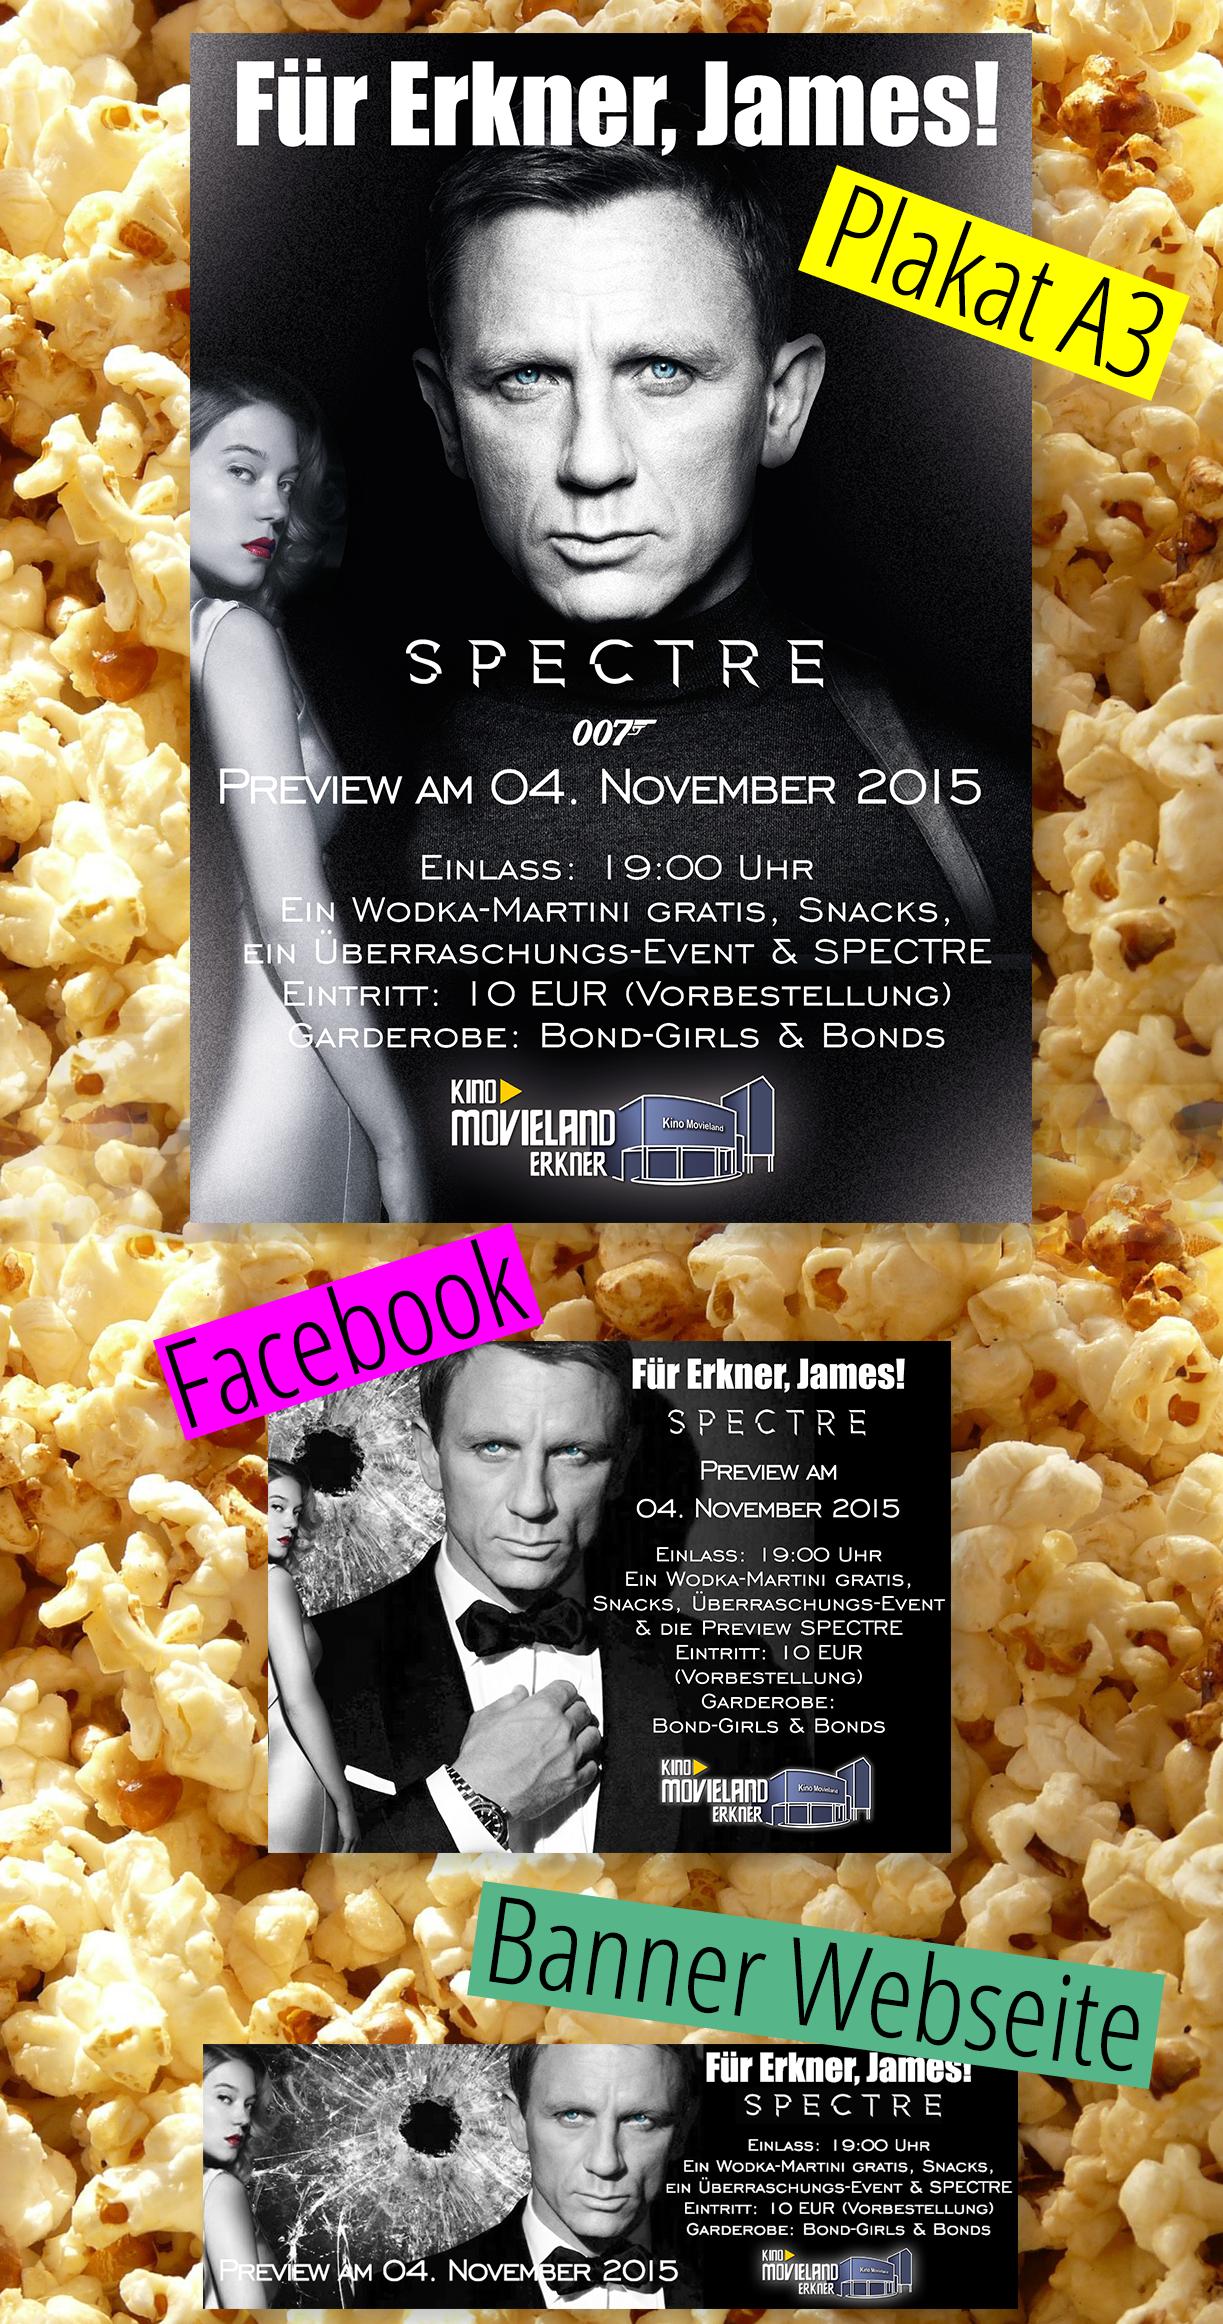 007-james-bond-party-kino-plakate-banner-facebookbild